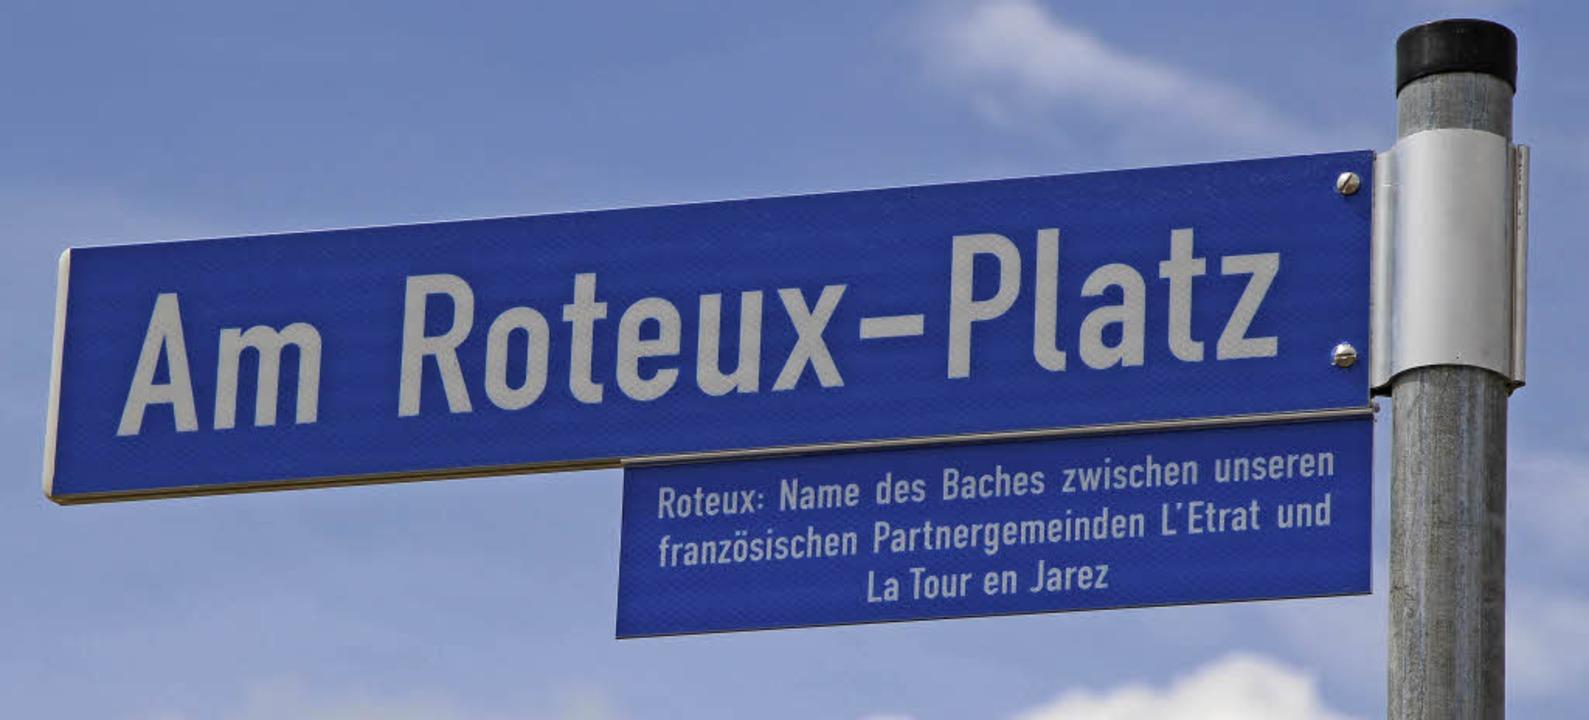 Der Bach Roteux ist das verbindende Element.   | Foto: Anja ihme